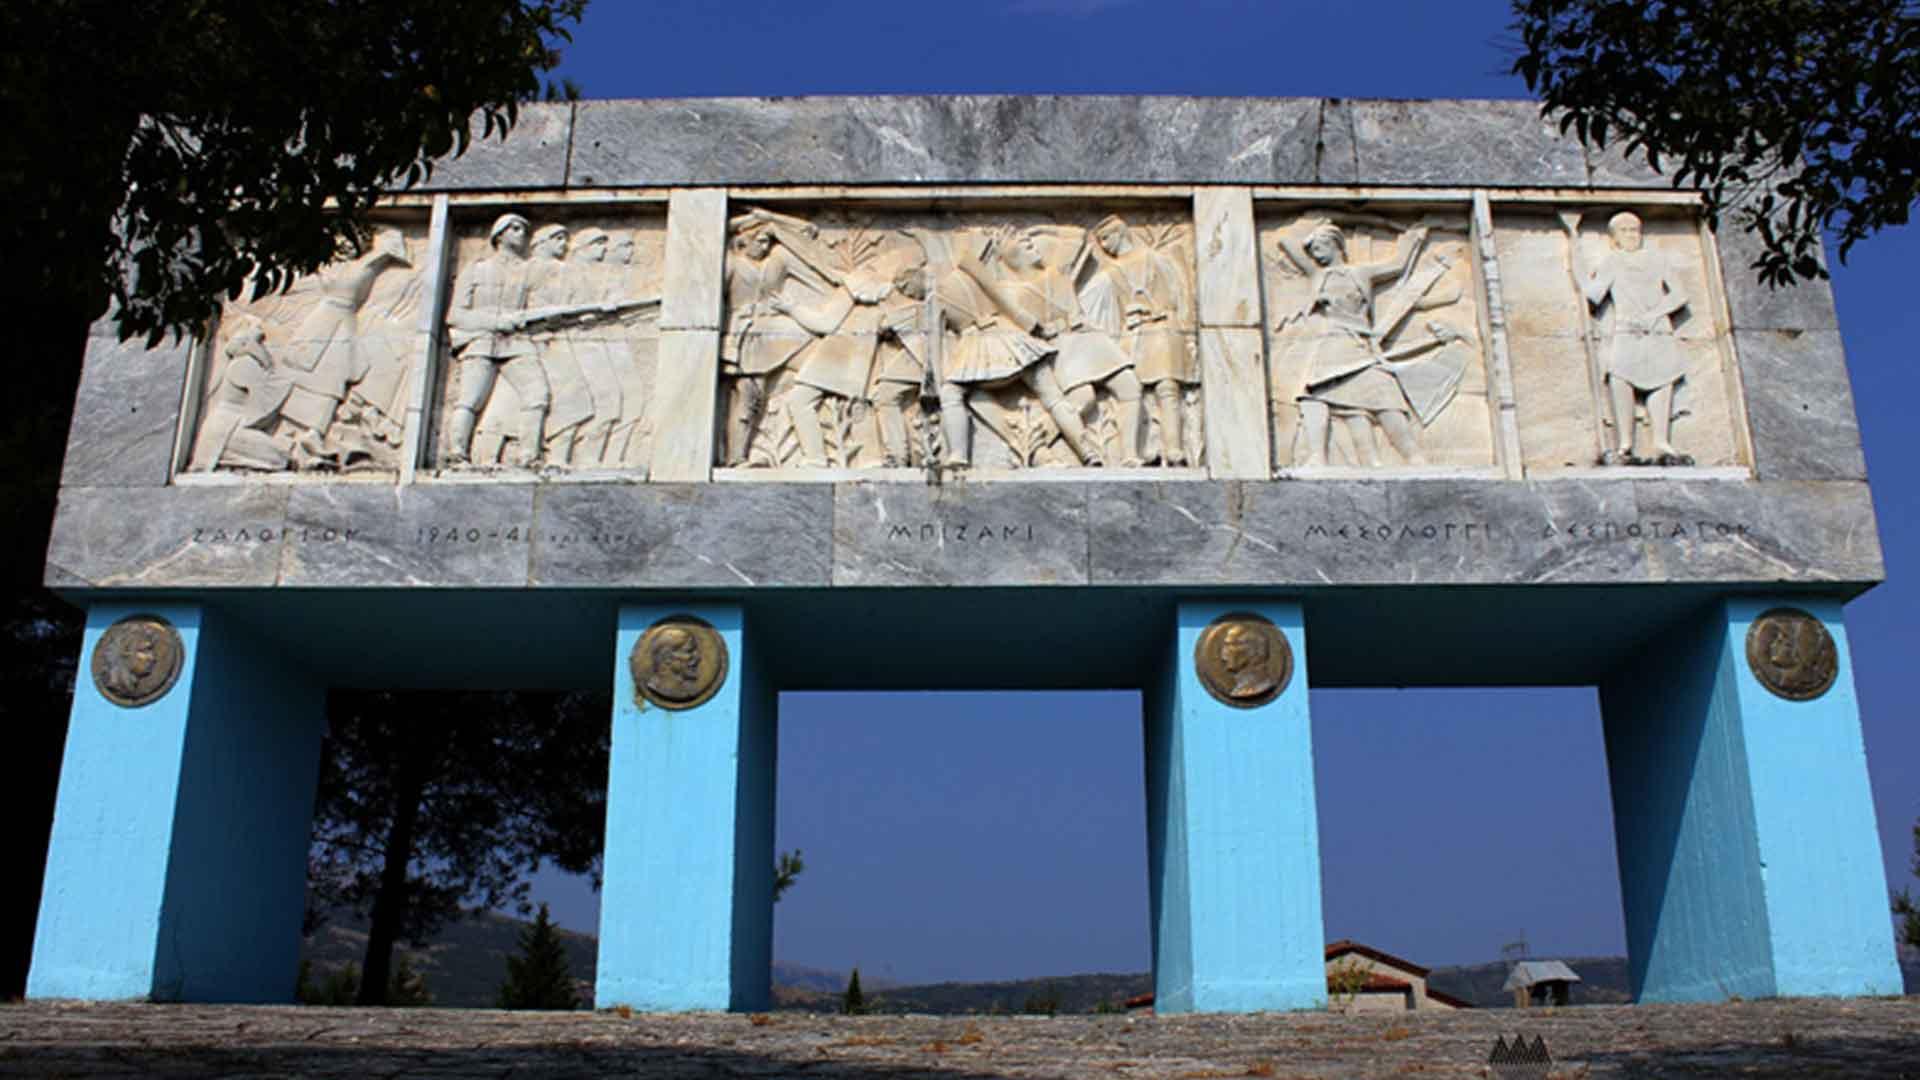 Σημαντικά μνημεία που αξίζει να επισκεφθείτε